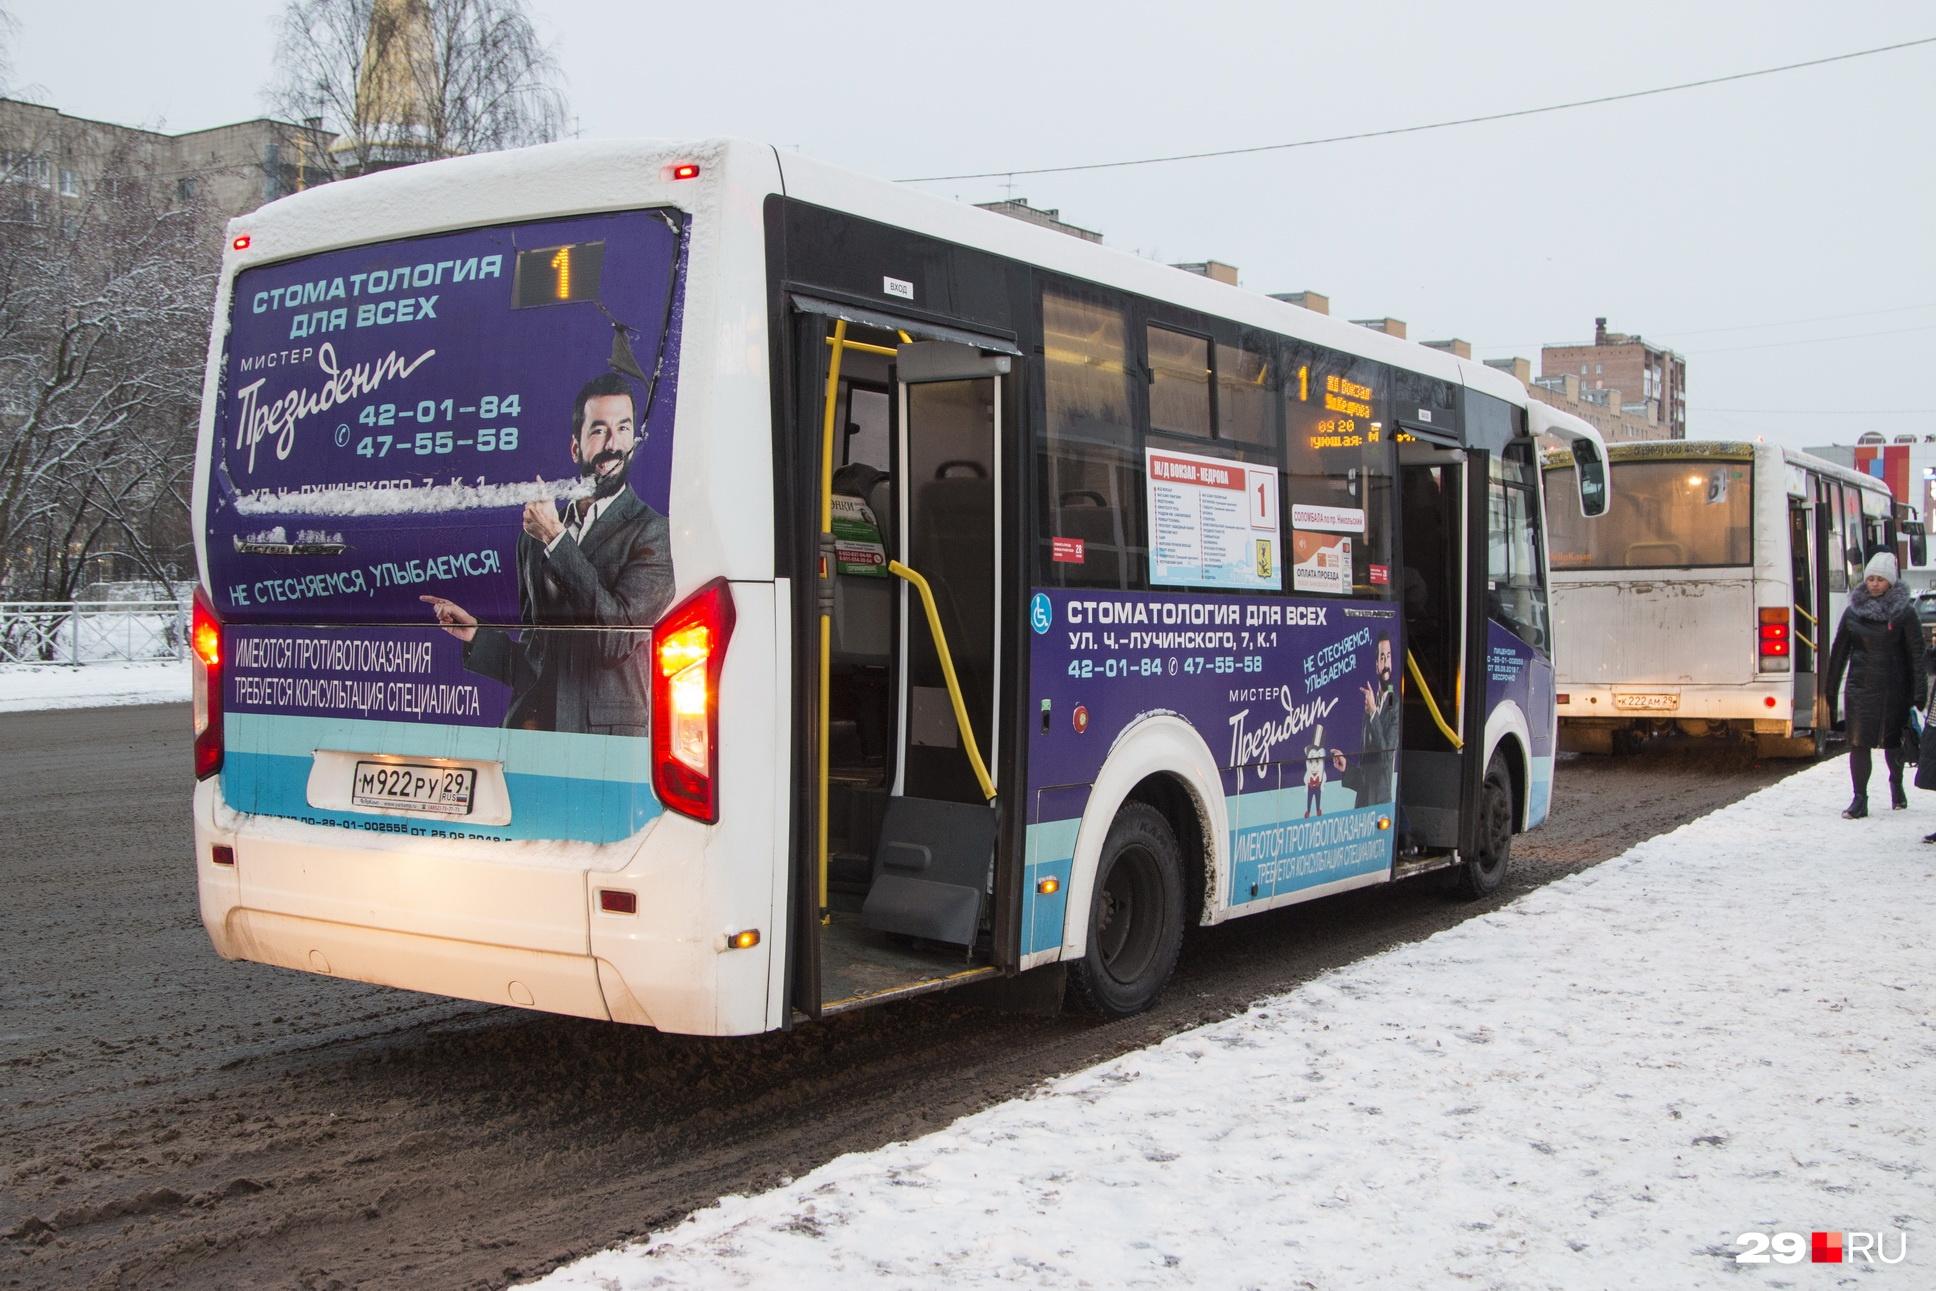 Узкие современные пазики Вячеслав считает пародией на средний класс автобуса и говорит, что они неудобны для пассажиров